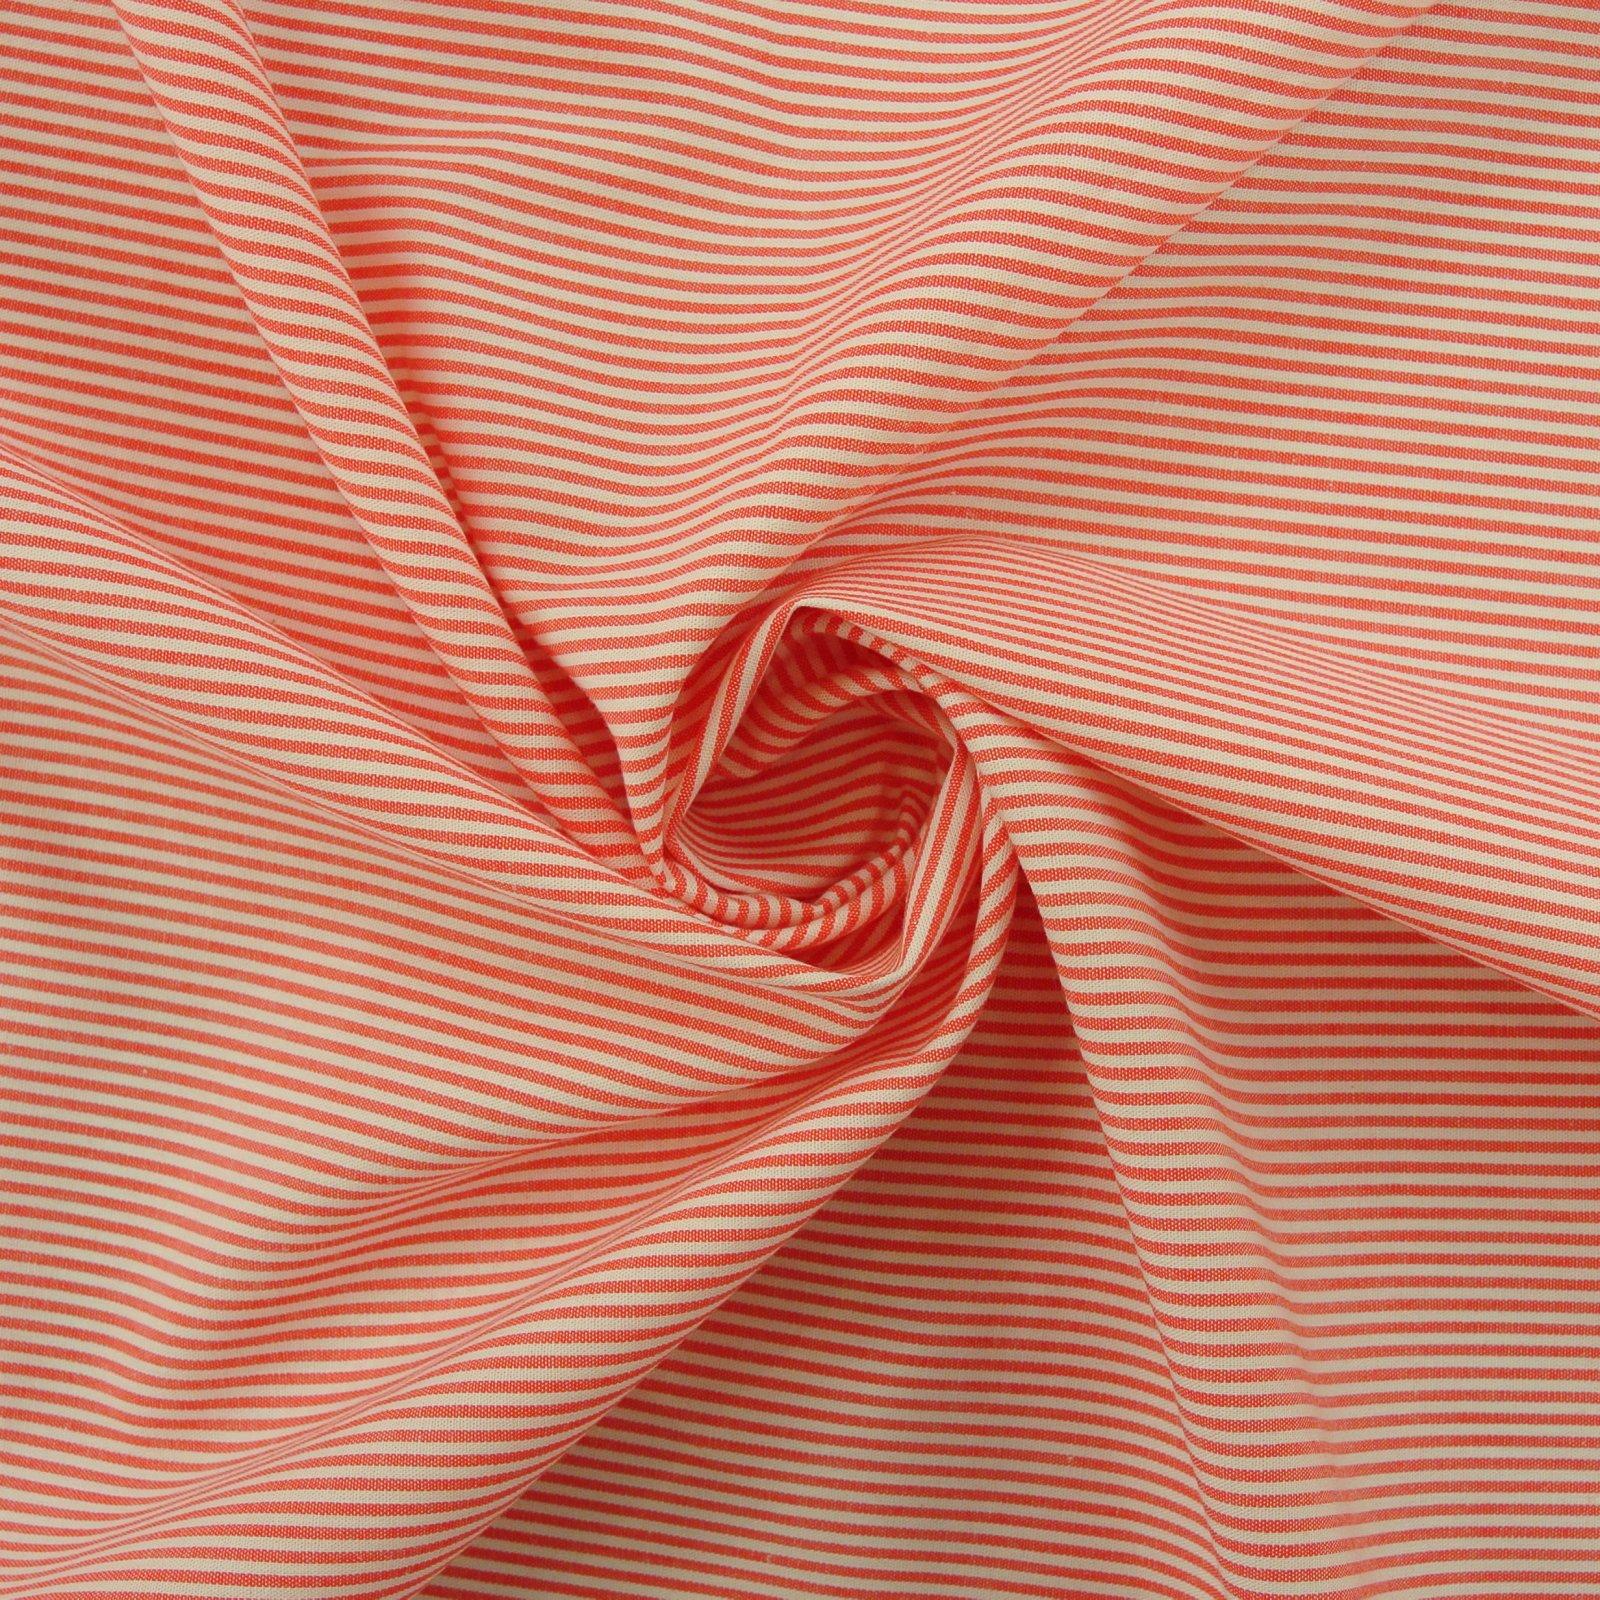 Haberdasher Stripes poppy